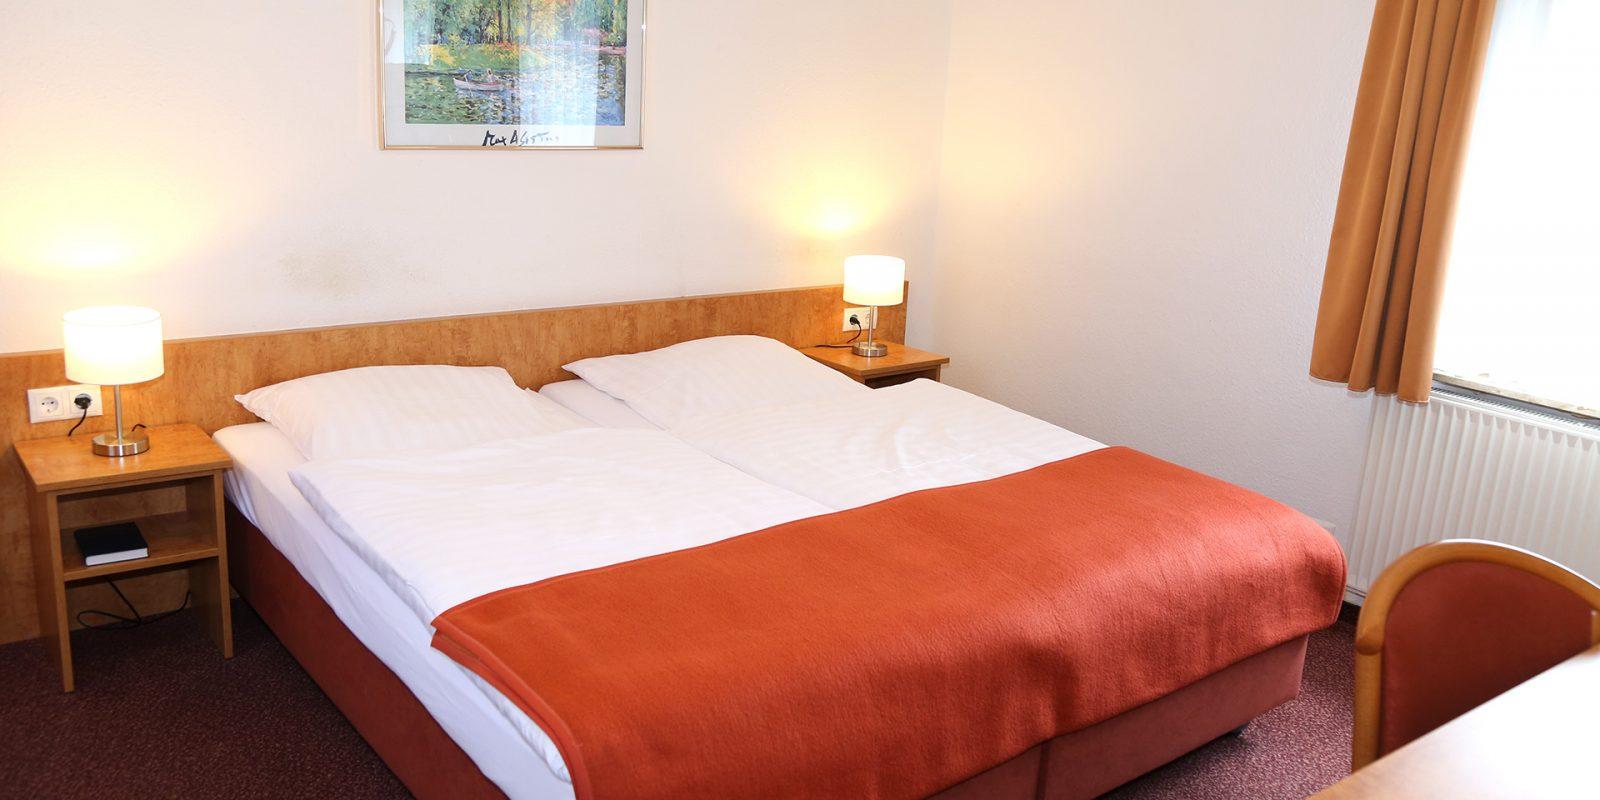 Hotel Bonn Doppelzimmer Bett